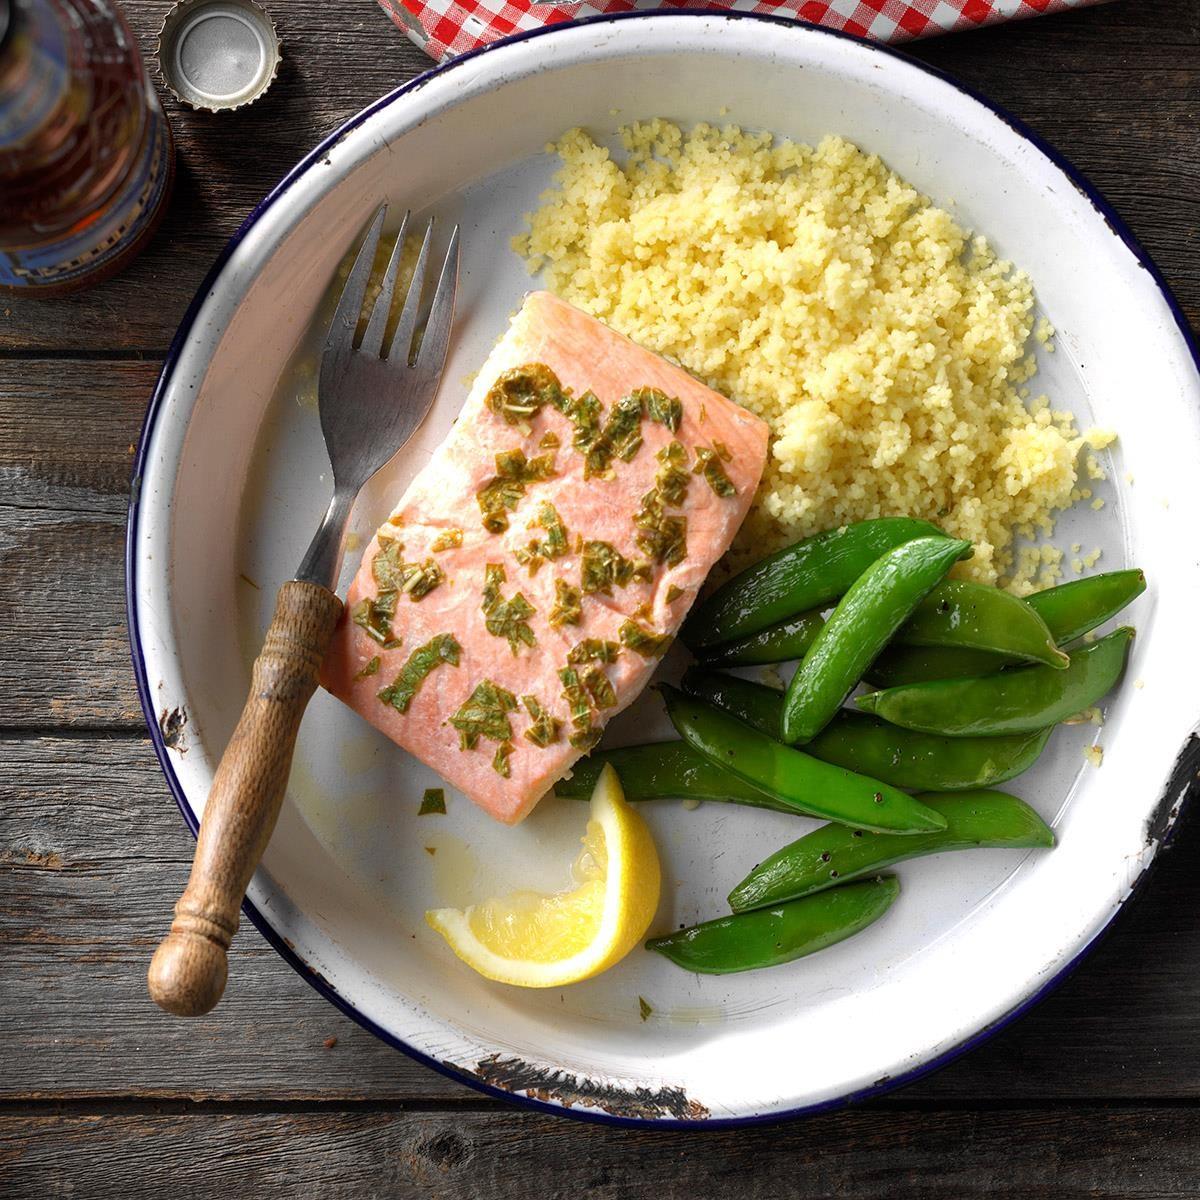 Friday: Lemon Basil Salmon